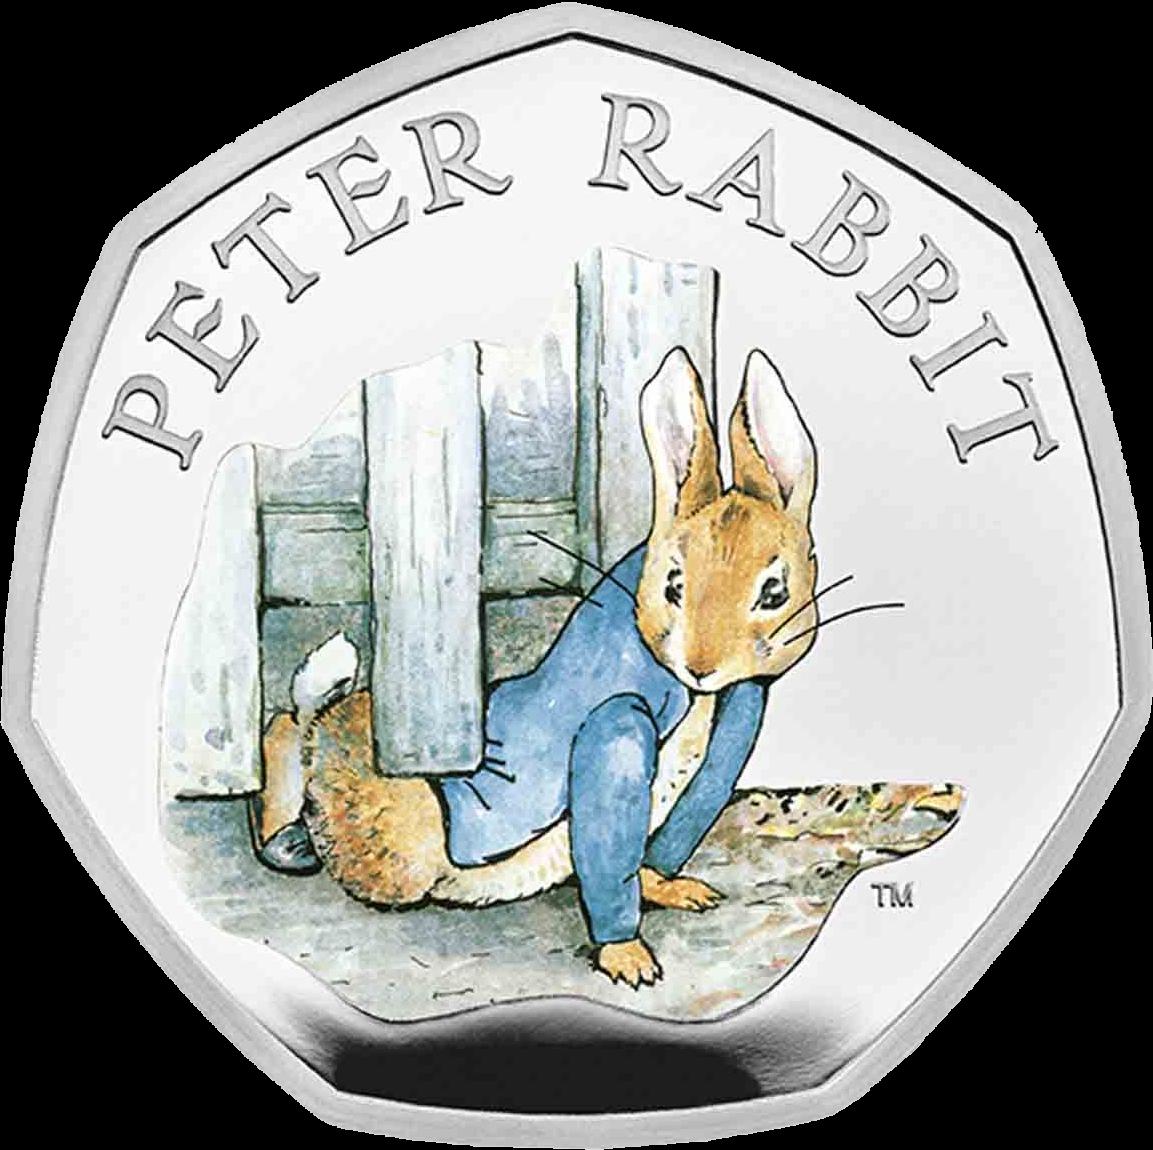 Великобритания монета 50 пенсов Кролик Питер 2020, реверс